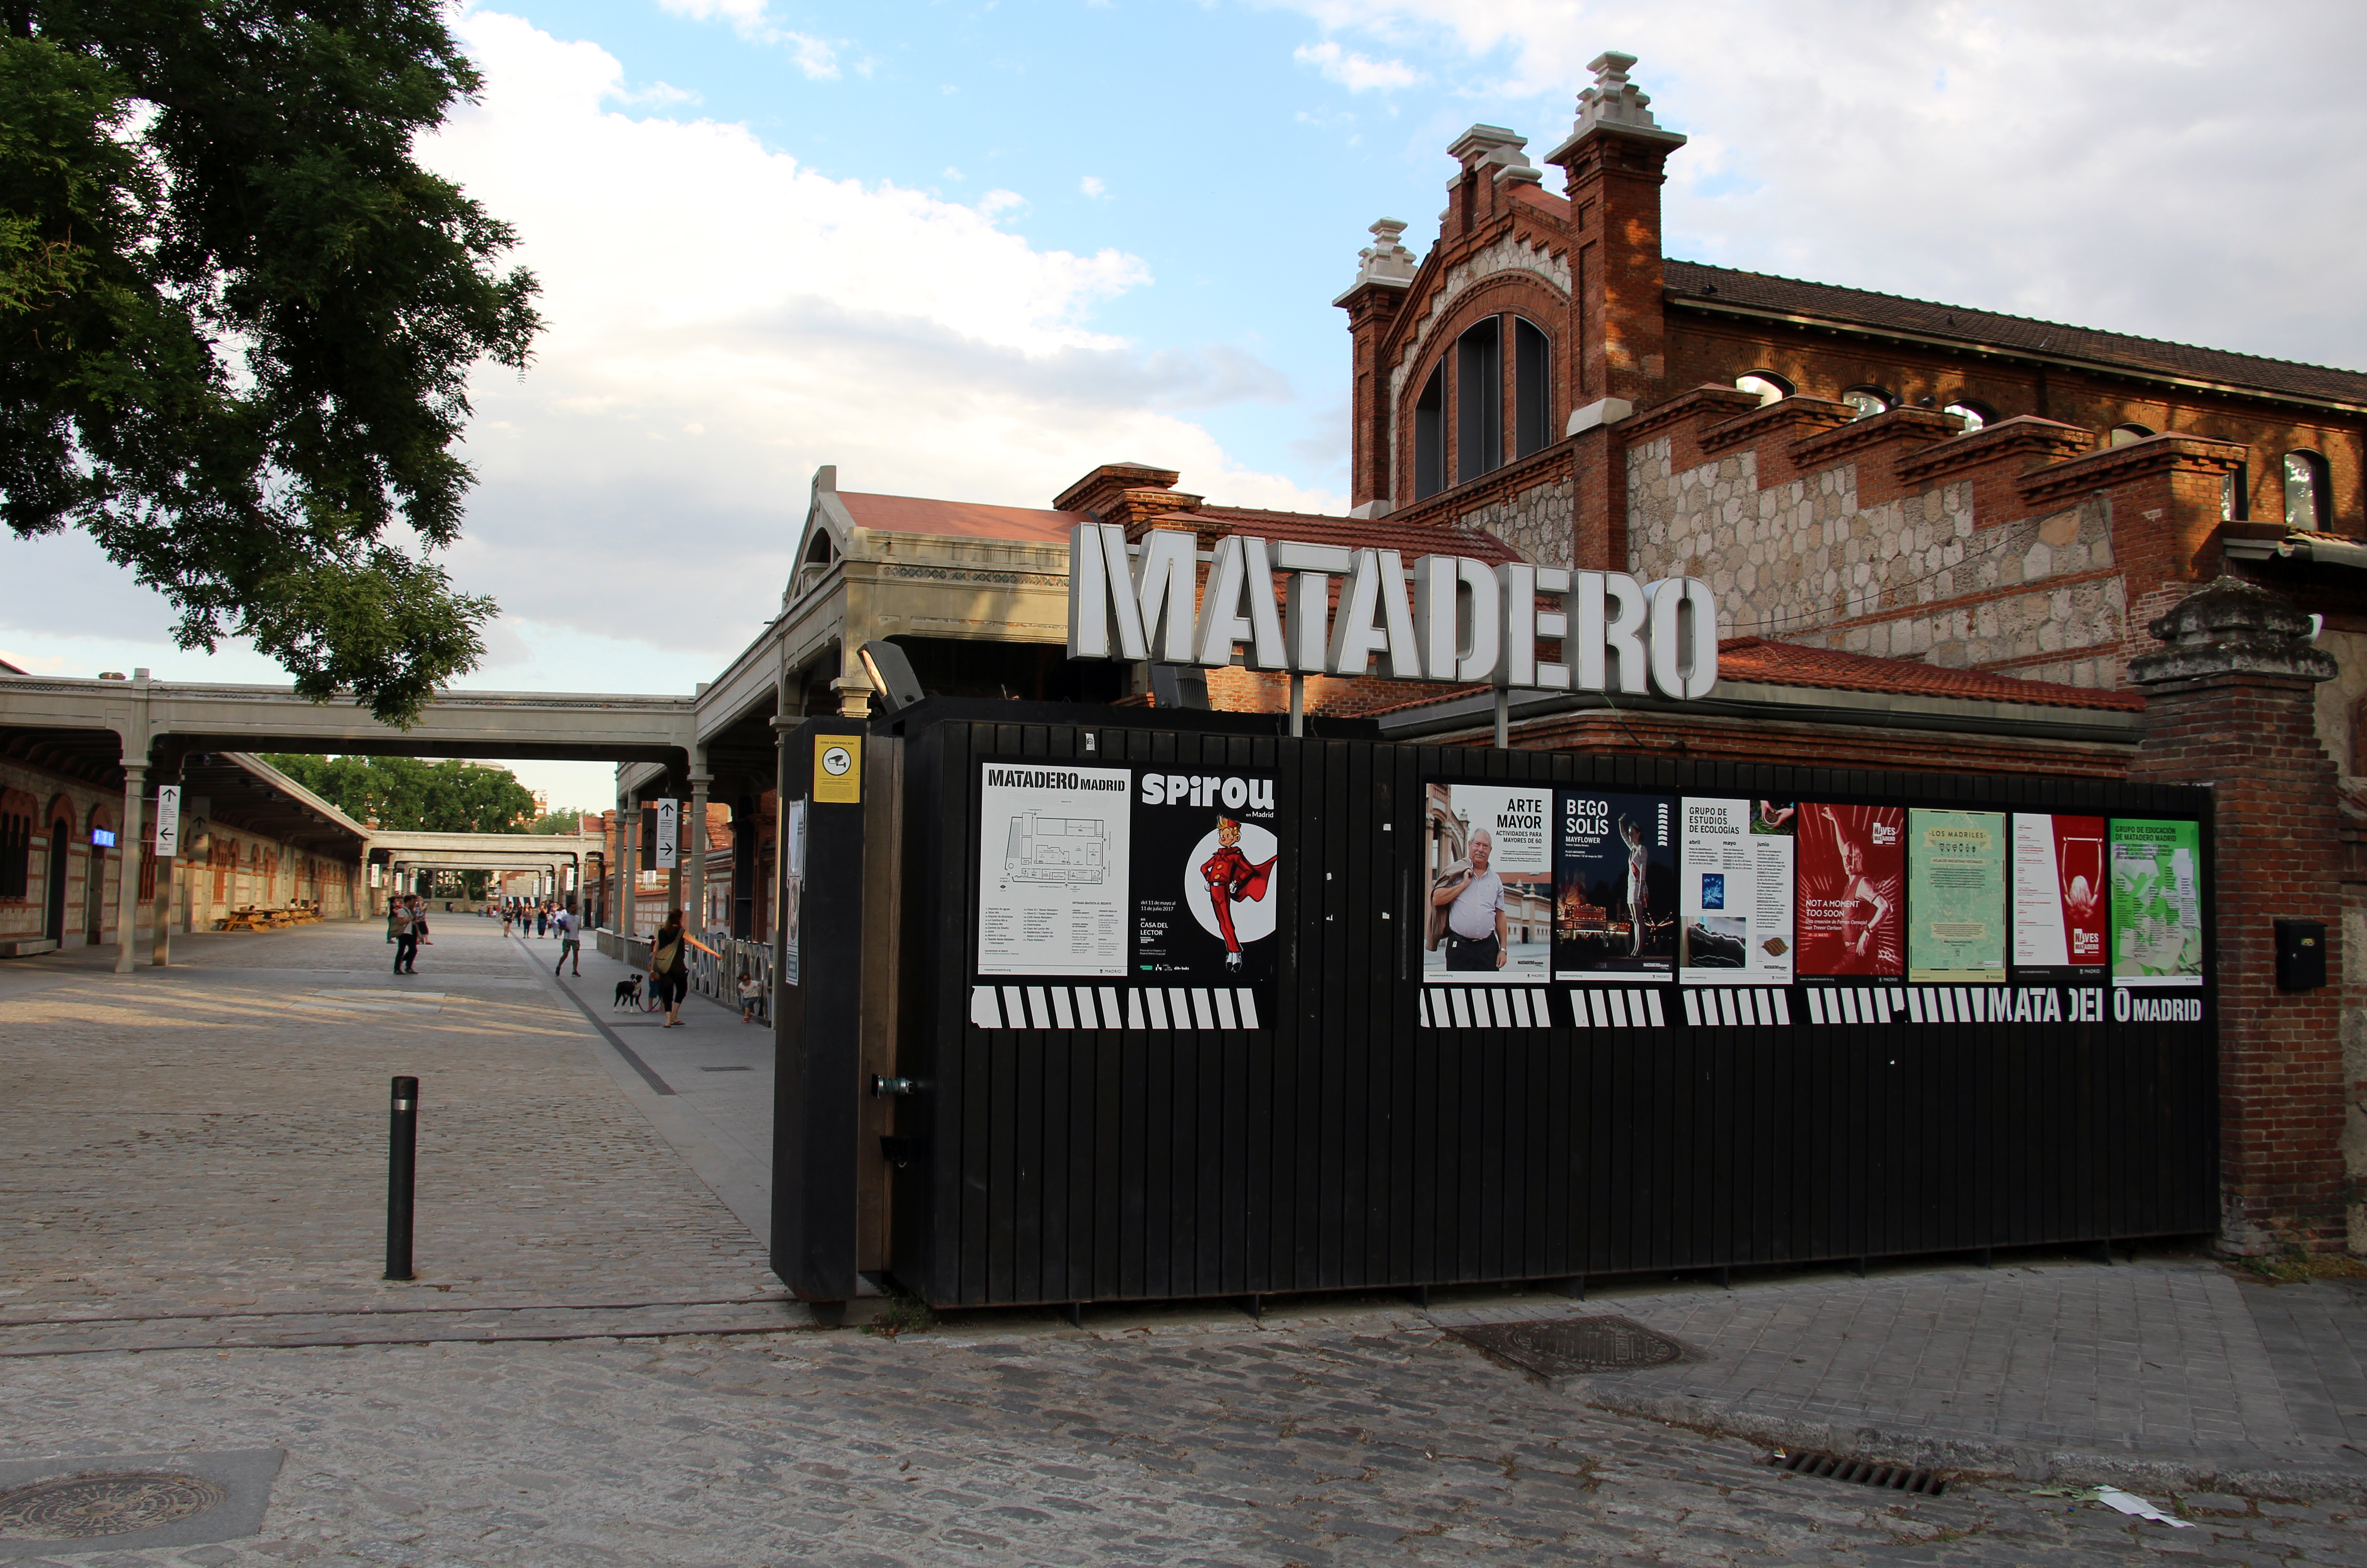 Madrid - Matadero Madrid (35372003283).jpg